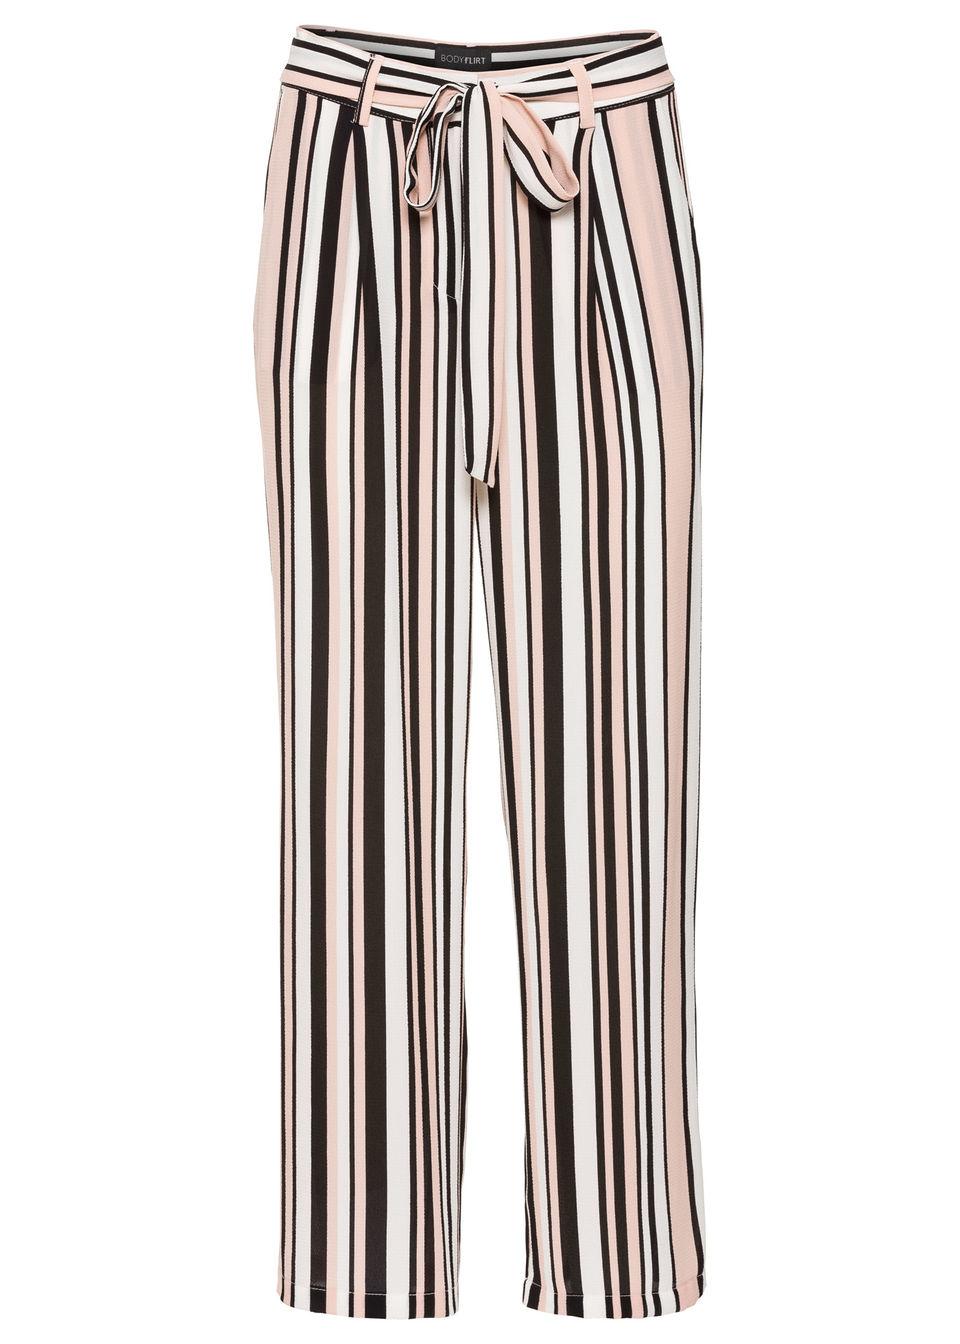 Купить Широкие брюки 7/8, bonprix, розовый-черный-цвет белой шерсти в полоску